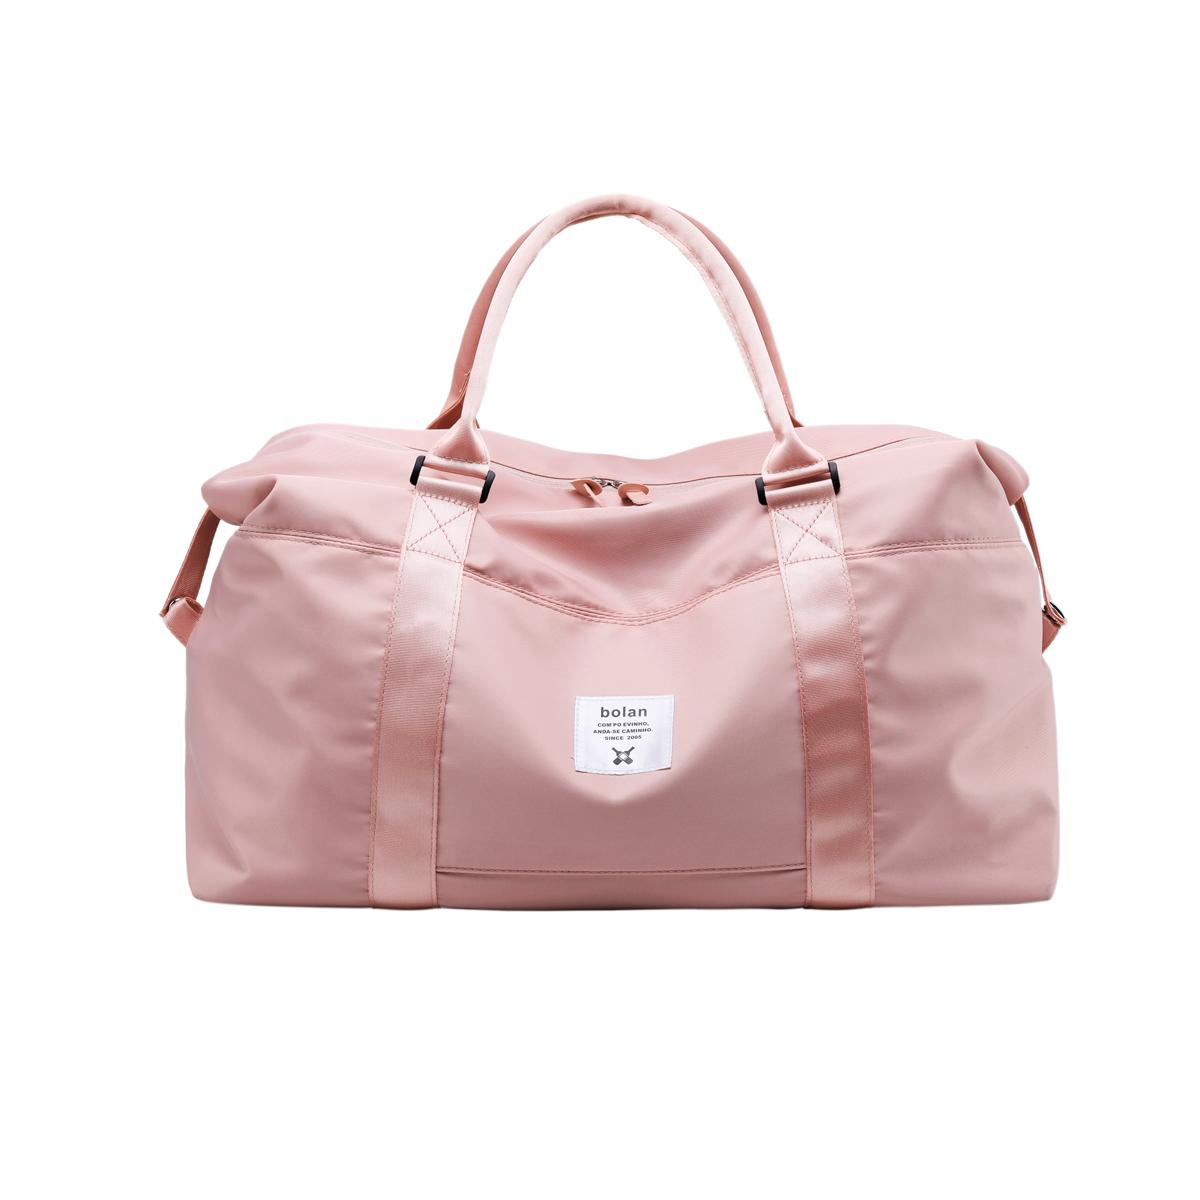 行李袋折叠便携式套拉杆旅行包女手提出门短途旅游包防水健身包男